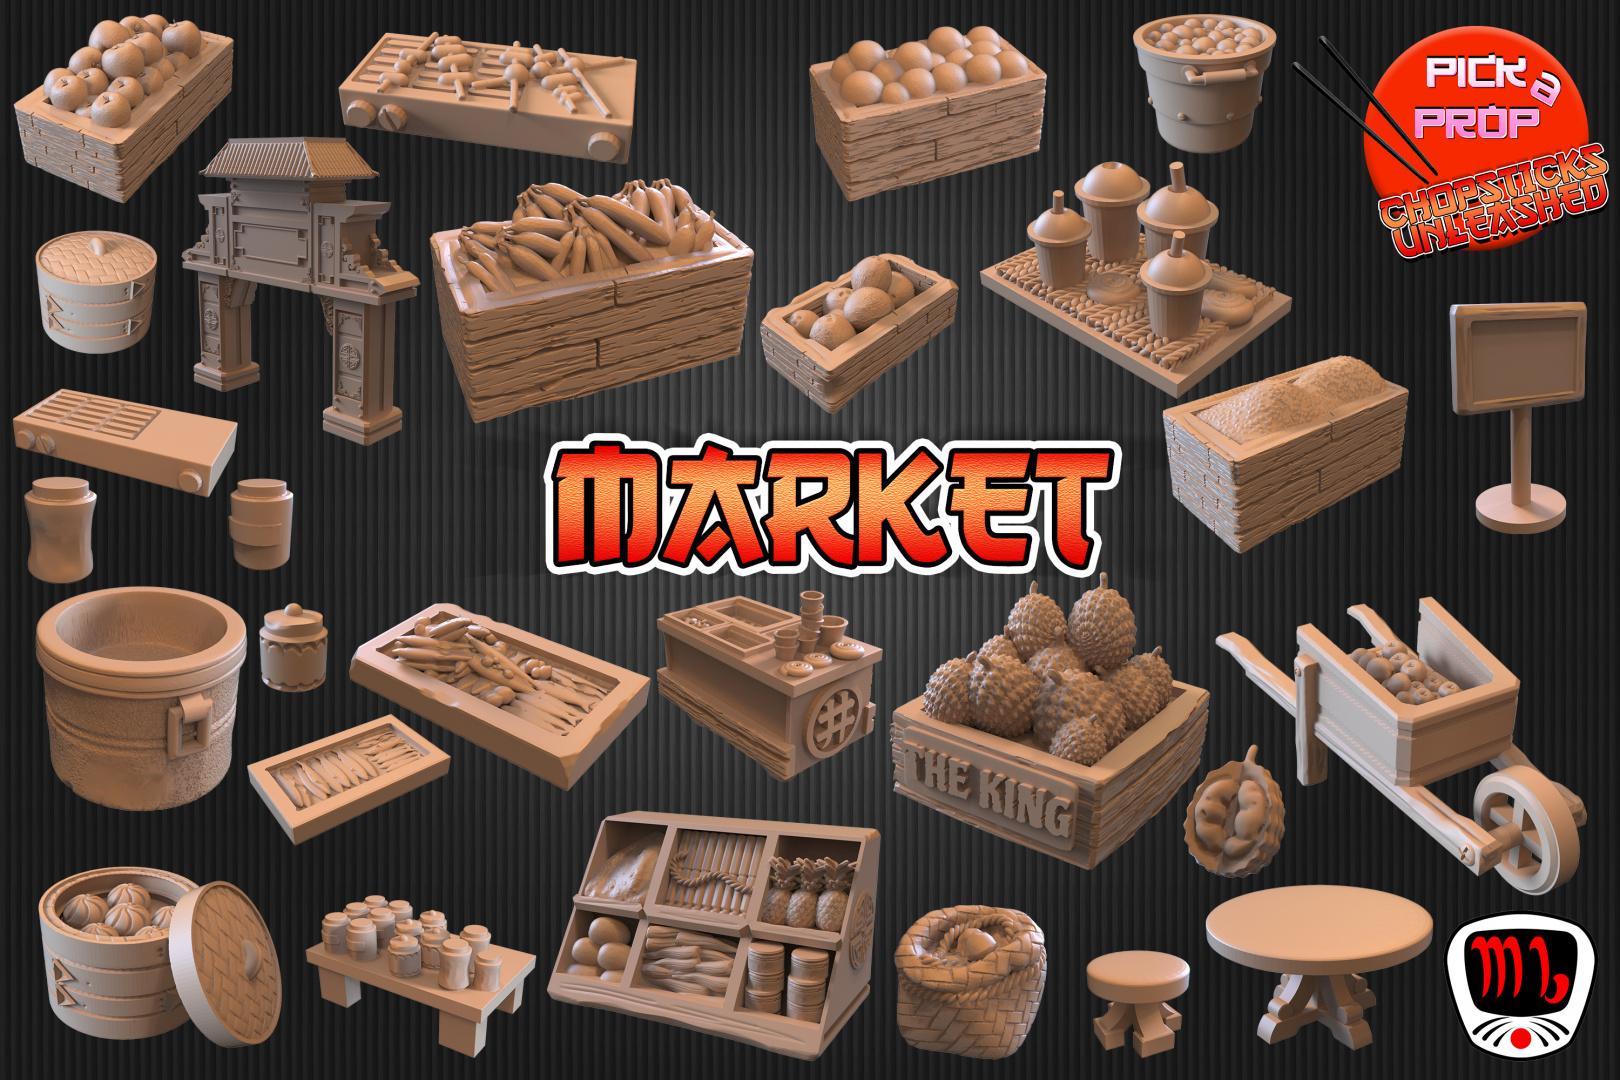 resize-market.jpg